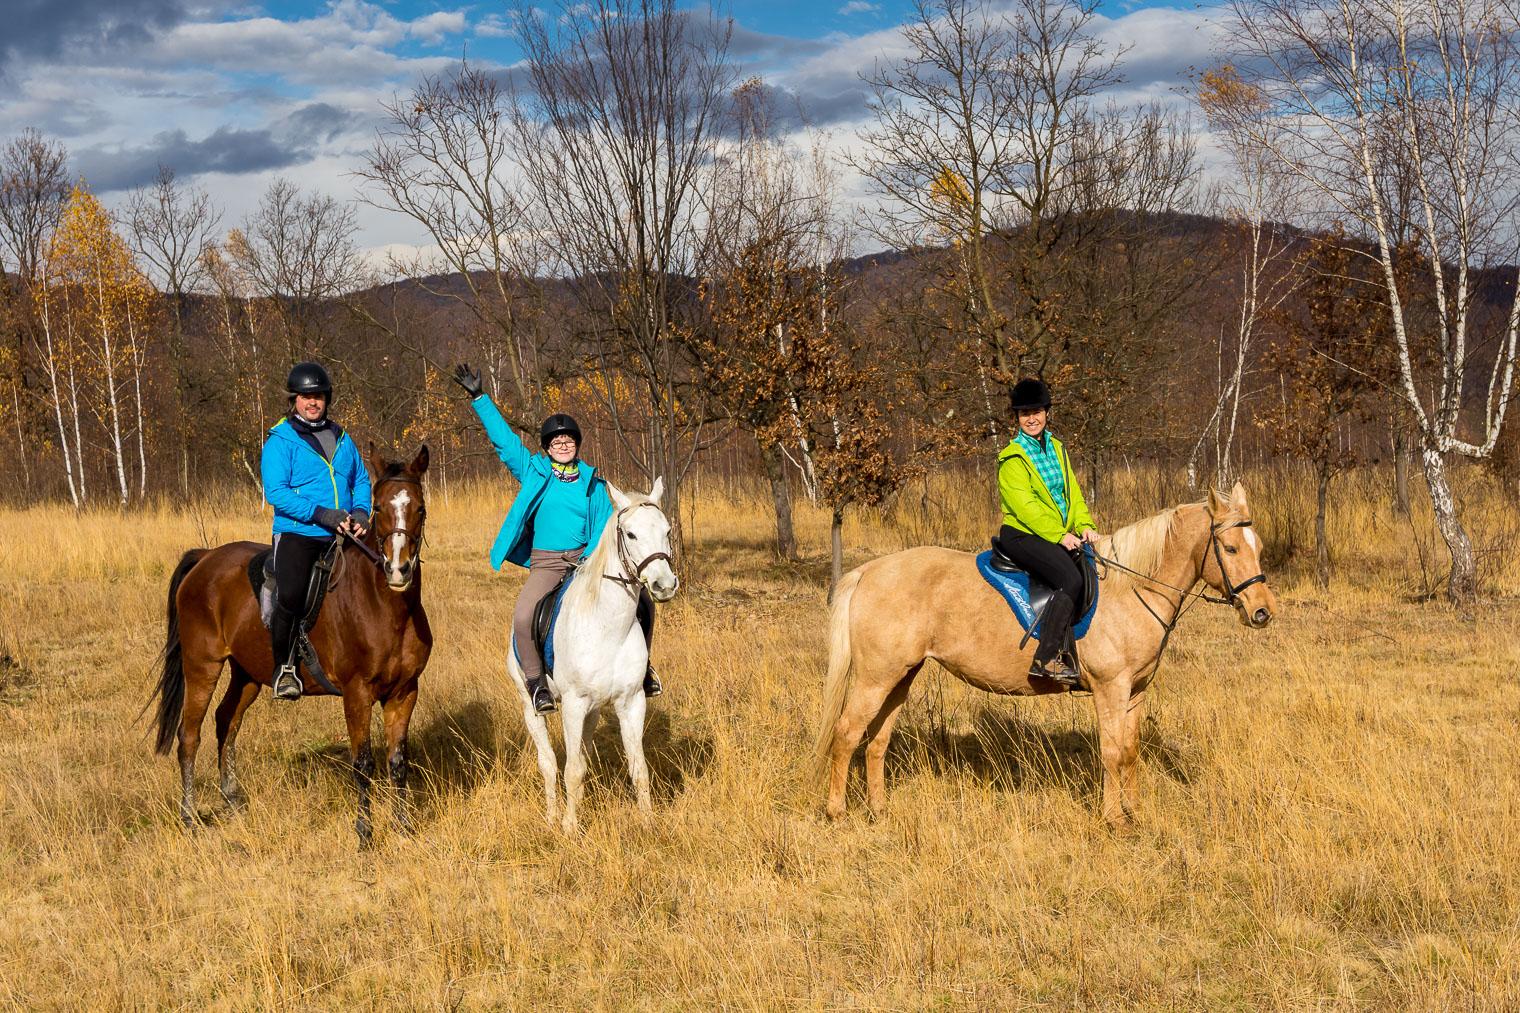 equus-silvana-2302